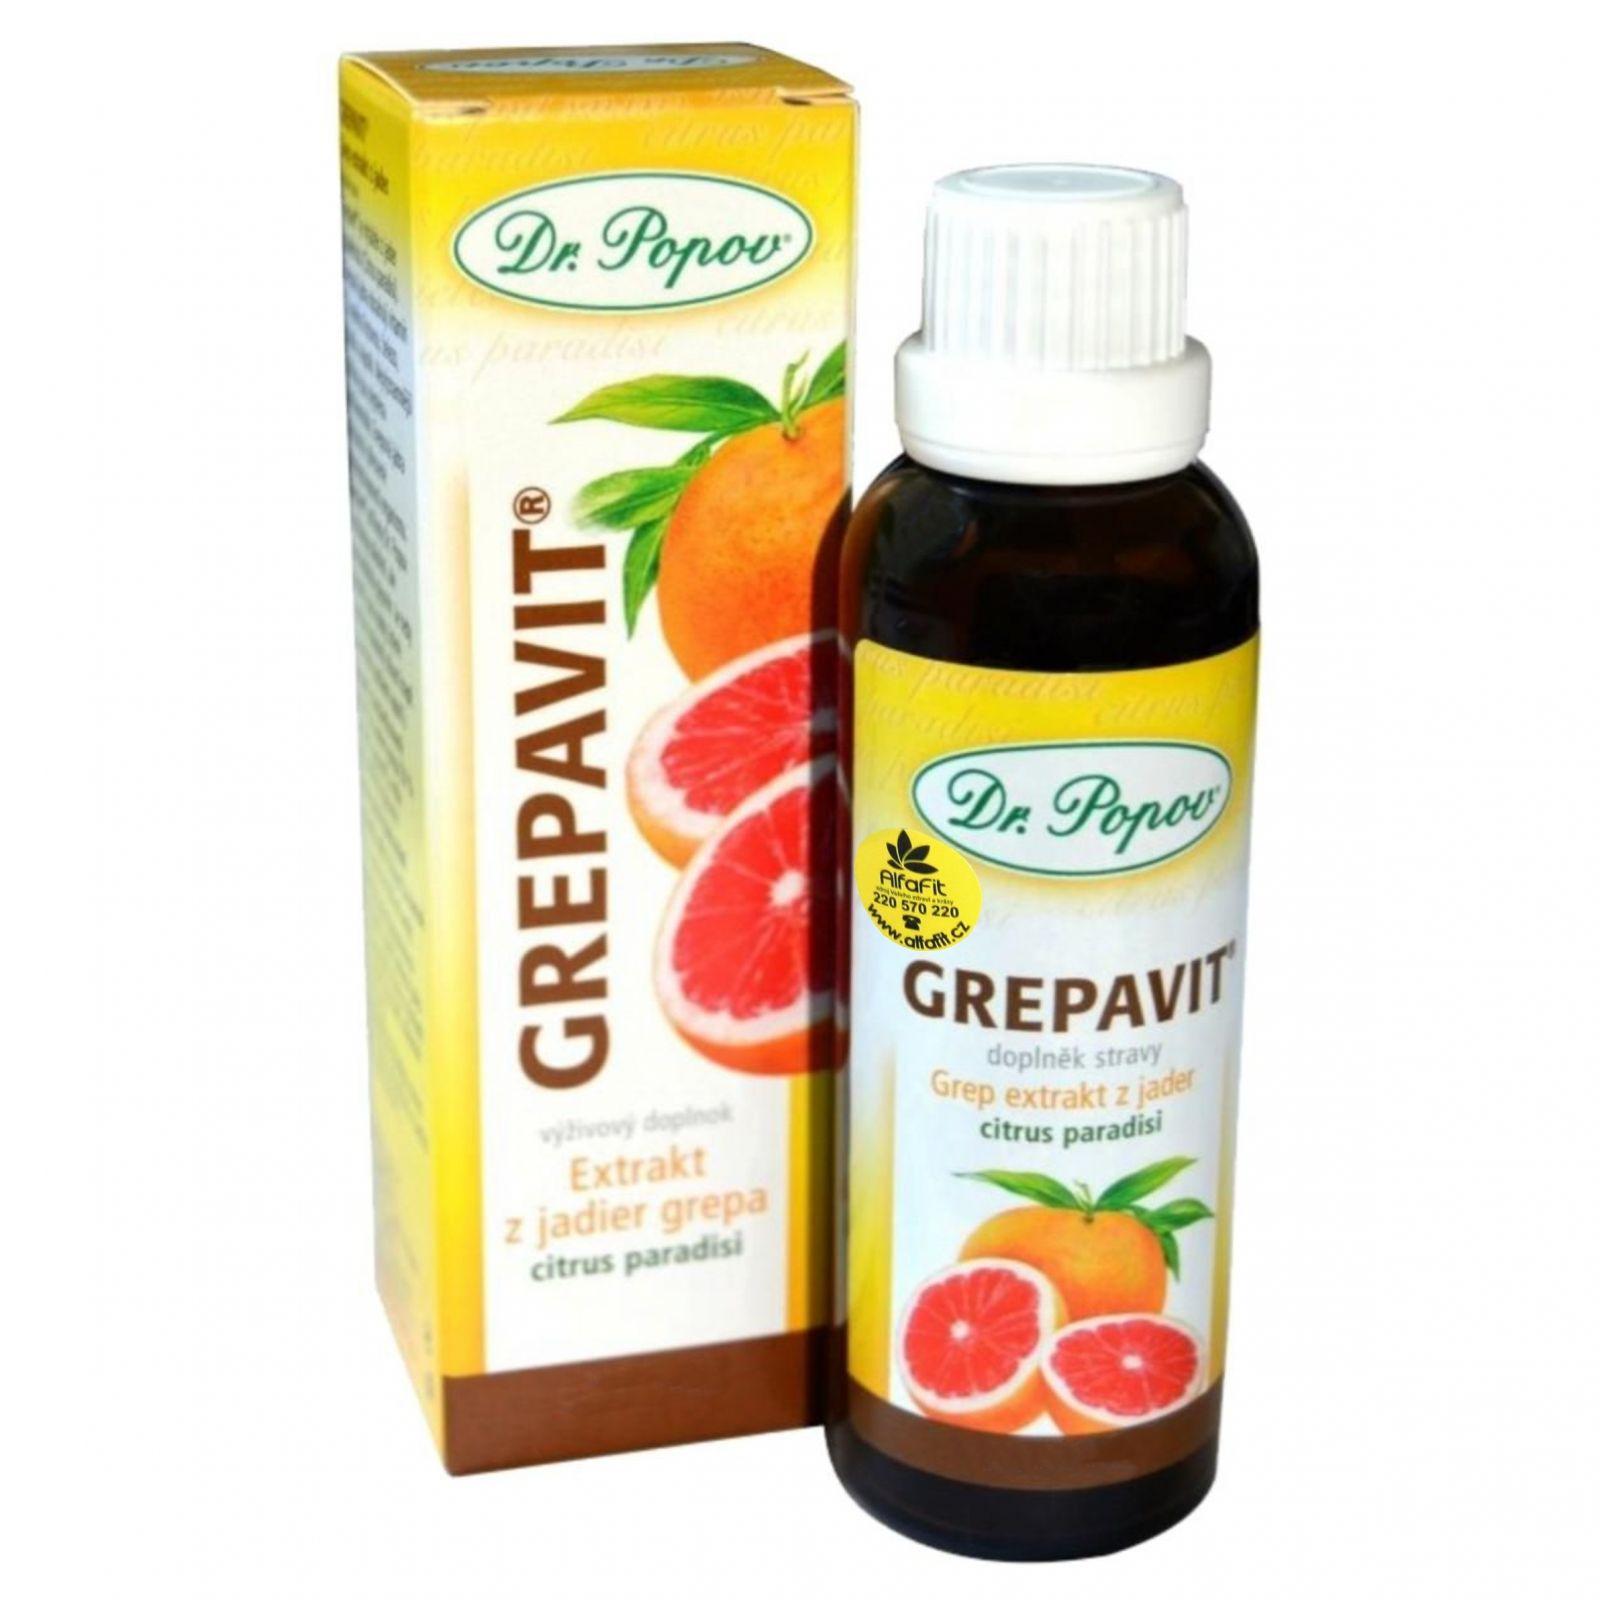 Dr. Popov Grepavit extrakt z grepu